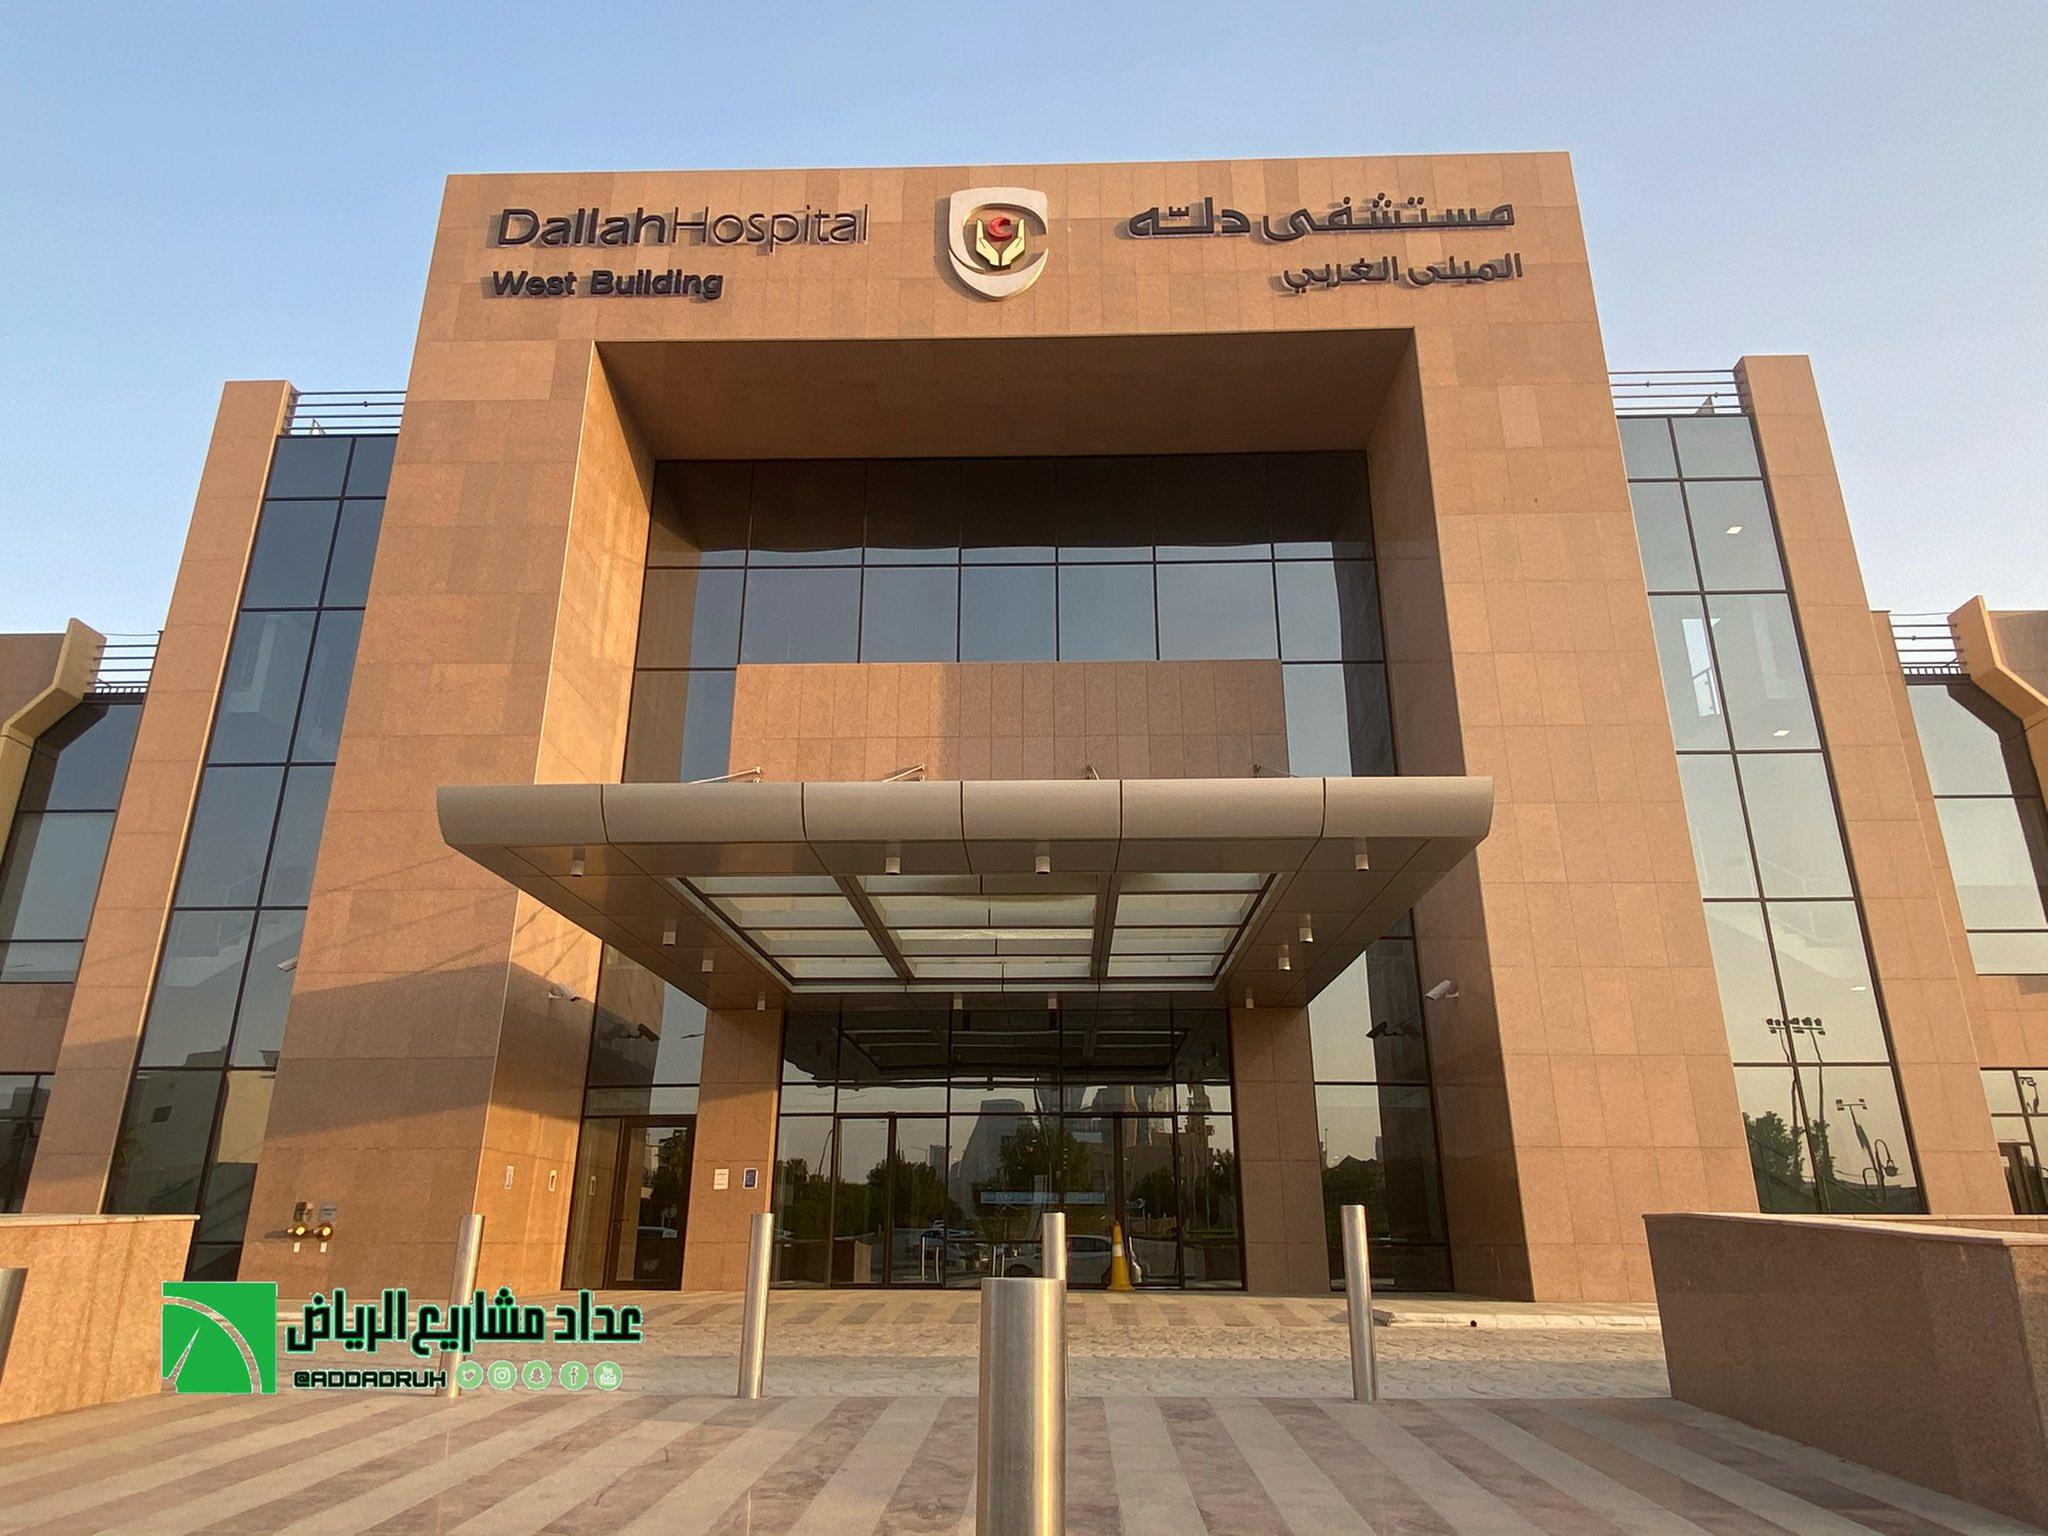 عداد مشاريع الرياض Tren Twitter قريبا افتتاح المبنى الغربي لمستشفى دله النخيل والمكون من 155 غرفة خاصة و65 عيادة حيث لم يتبقى الا صدور الموافقة الرسمية من الشؤون الصحية Https T Co 56svfuyzet